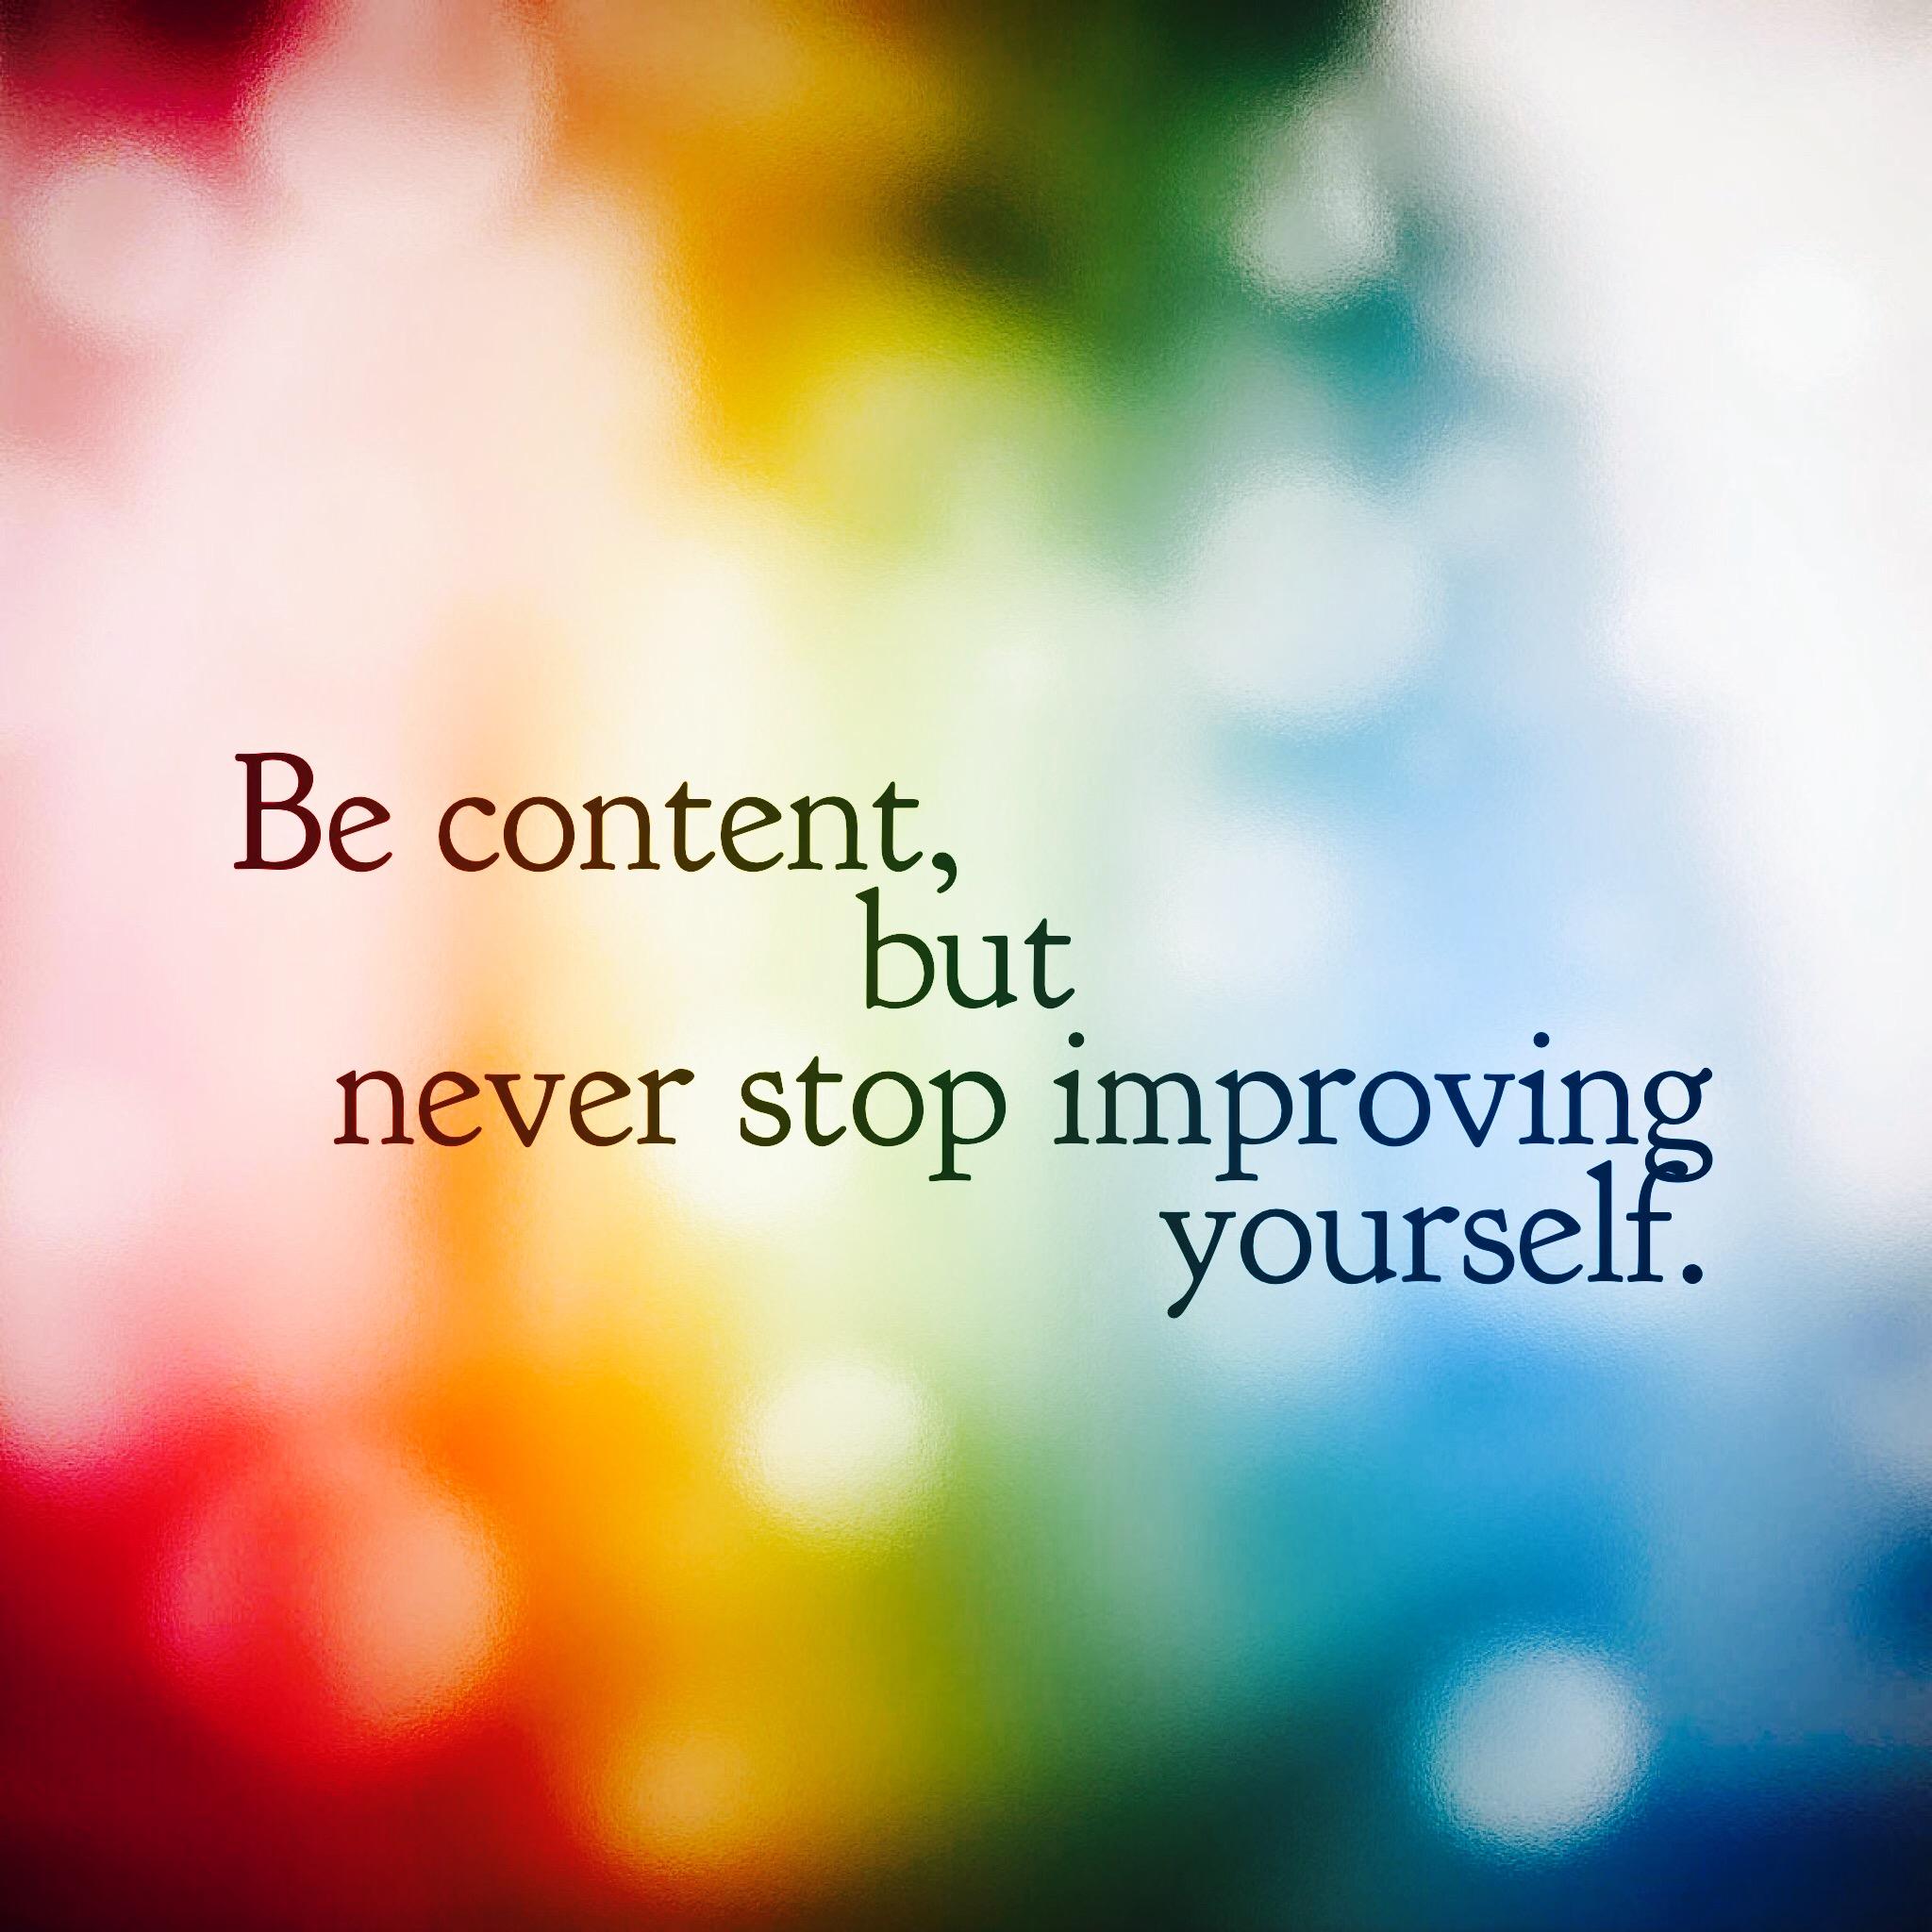 Improve Yourself Quotes Quotesgram: Improve It Quotes. QuotesGram